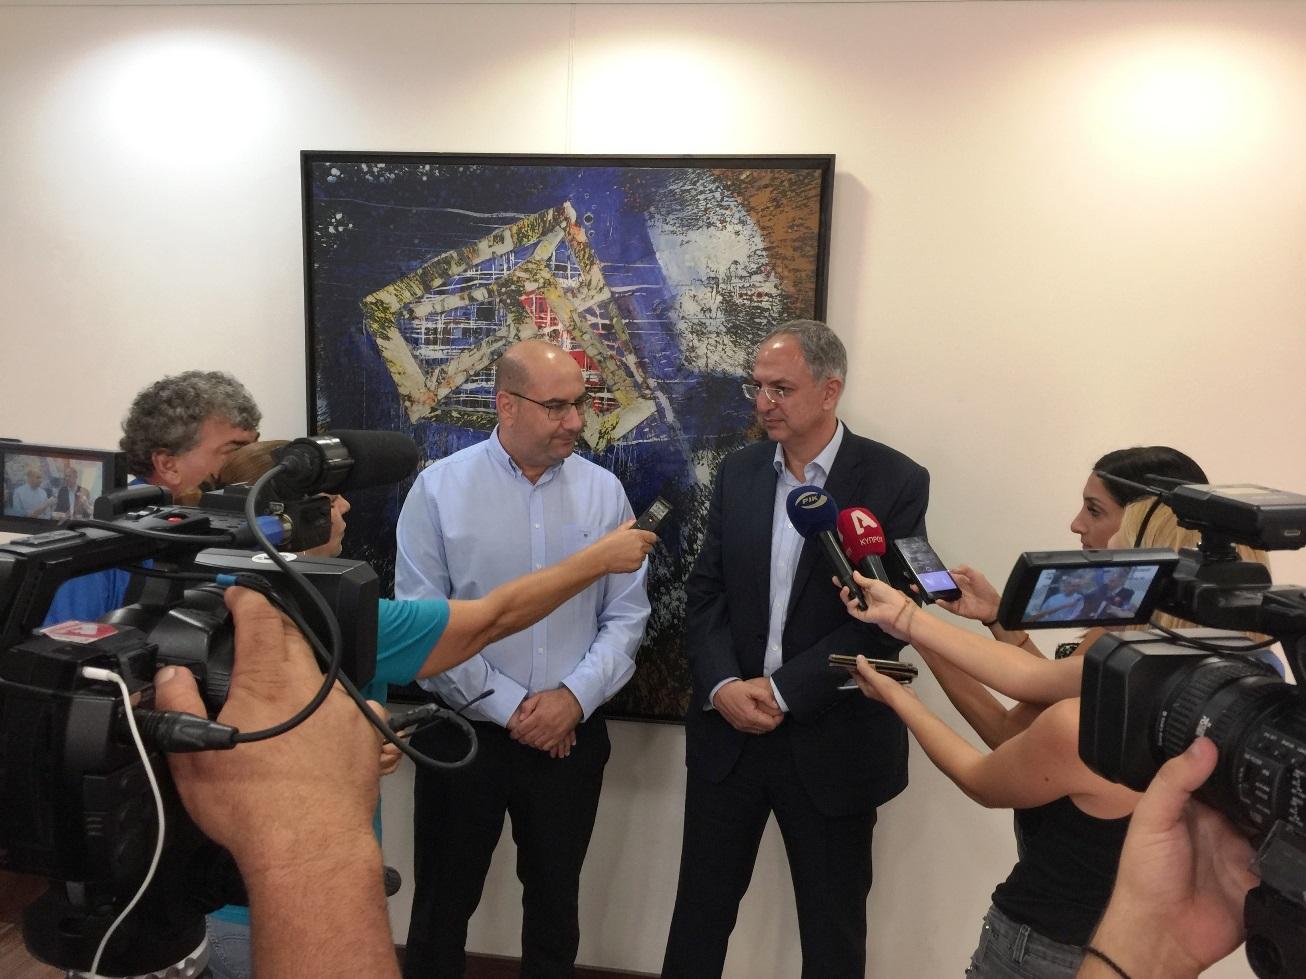 Επίσκεψη του Υπουργού Γεωργίας, Αγροτικής Ανάπτυξης και Περιβάλλοντος κ. Κώστα Καδή στο Δήμο Λάρνακας